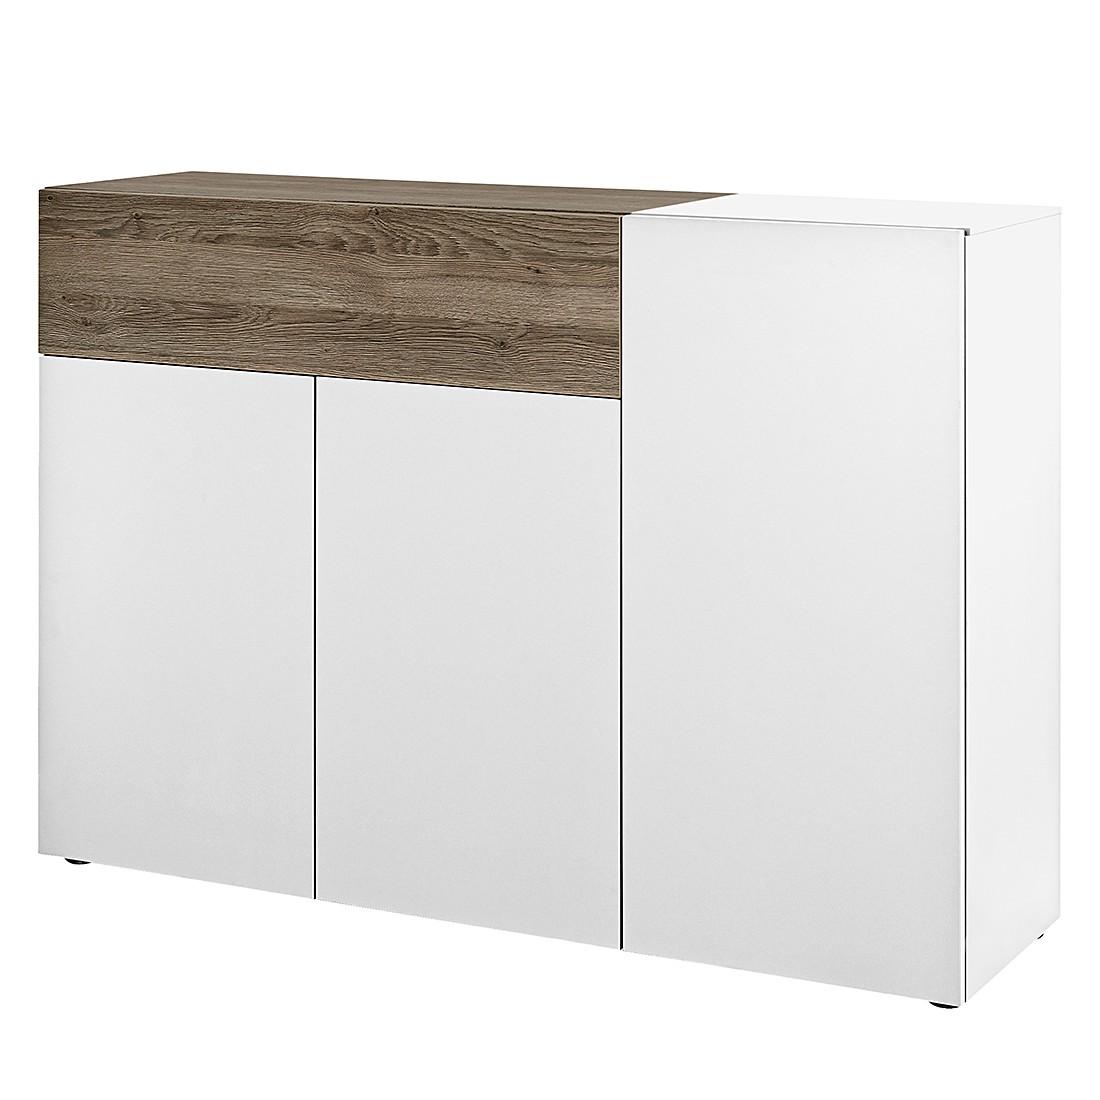 Sideboard Beam I – Weiß / Eiche Dunkel Dekor, Arte M günstig kaufen